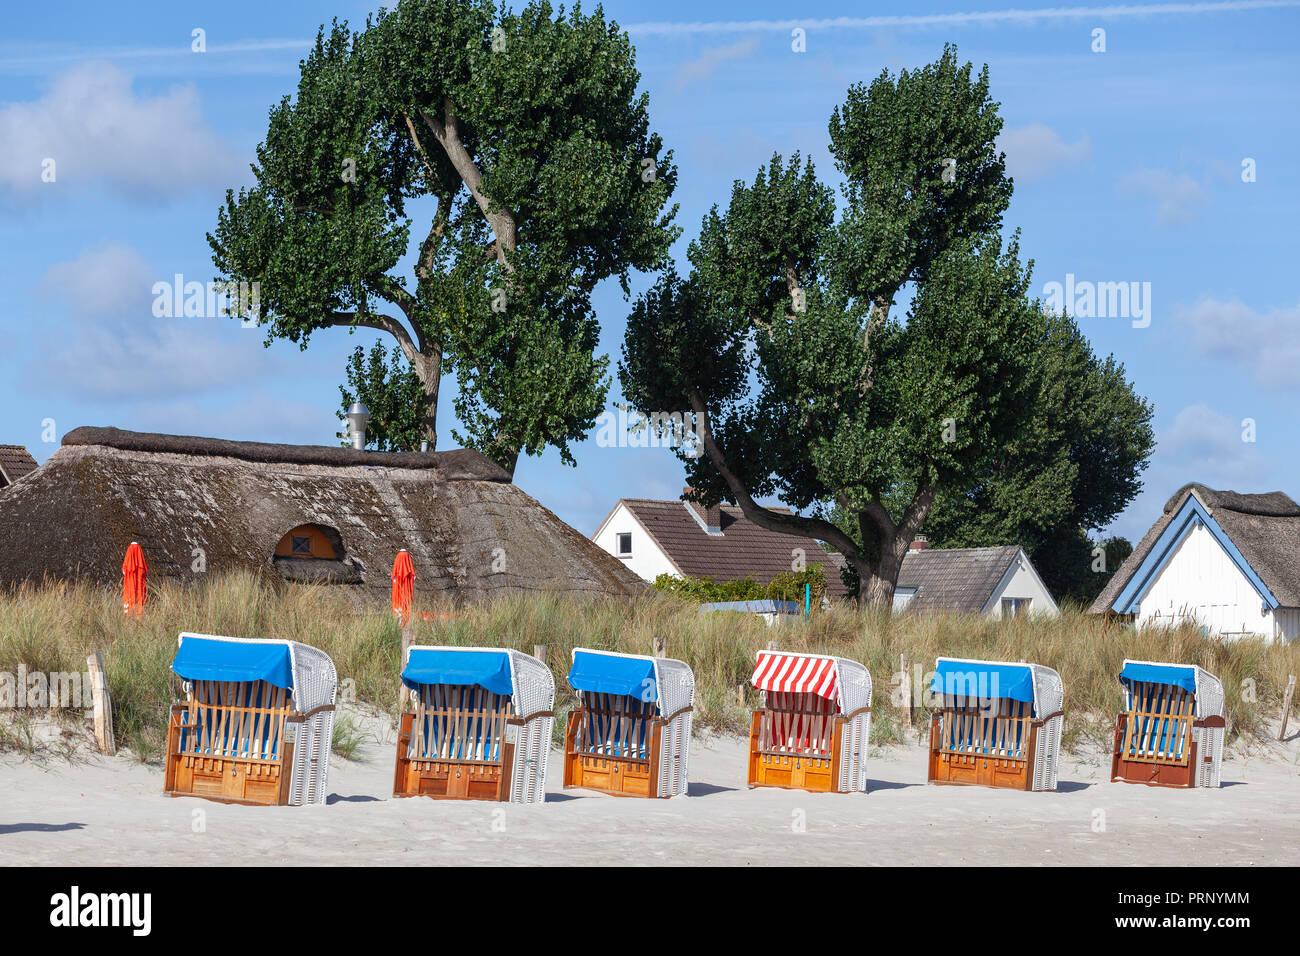 Strandkörbe und Ferienhäuser in Haffkrug, Deutschland - Stock Image